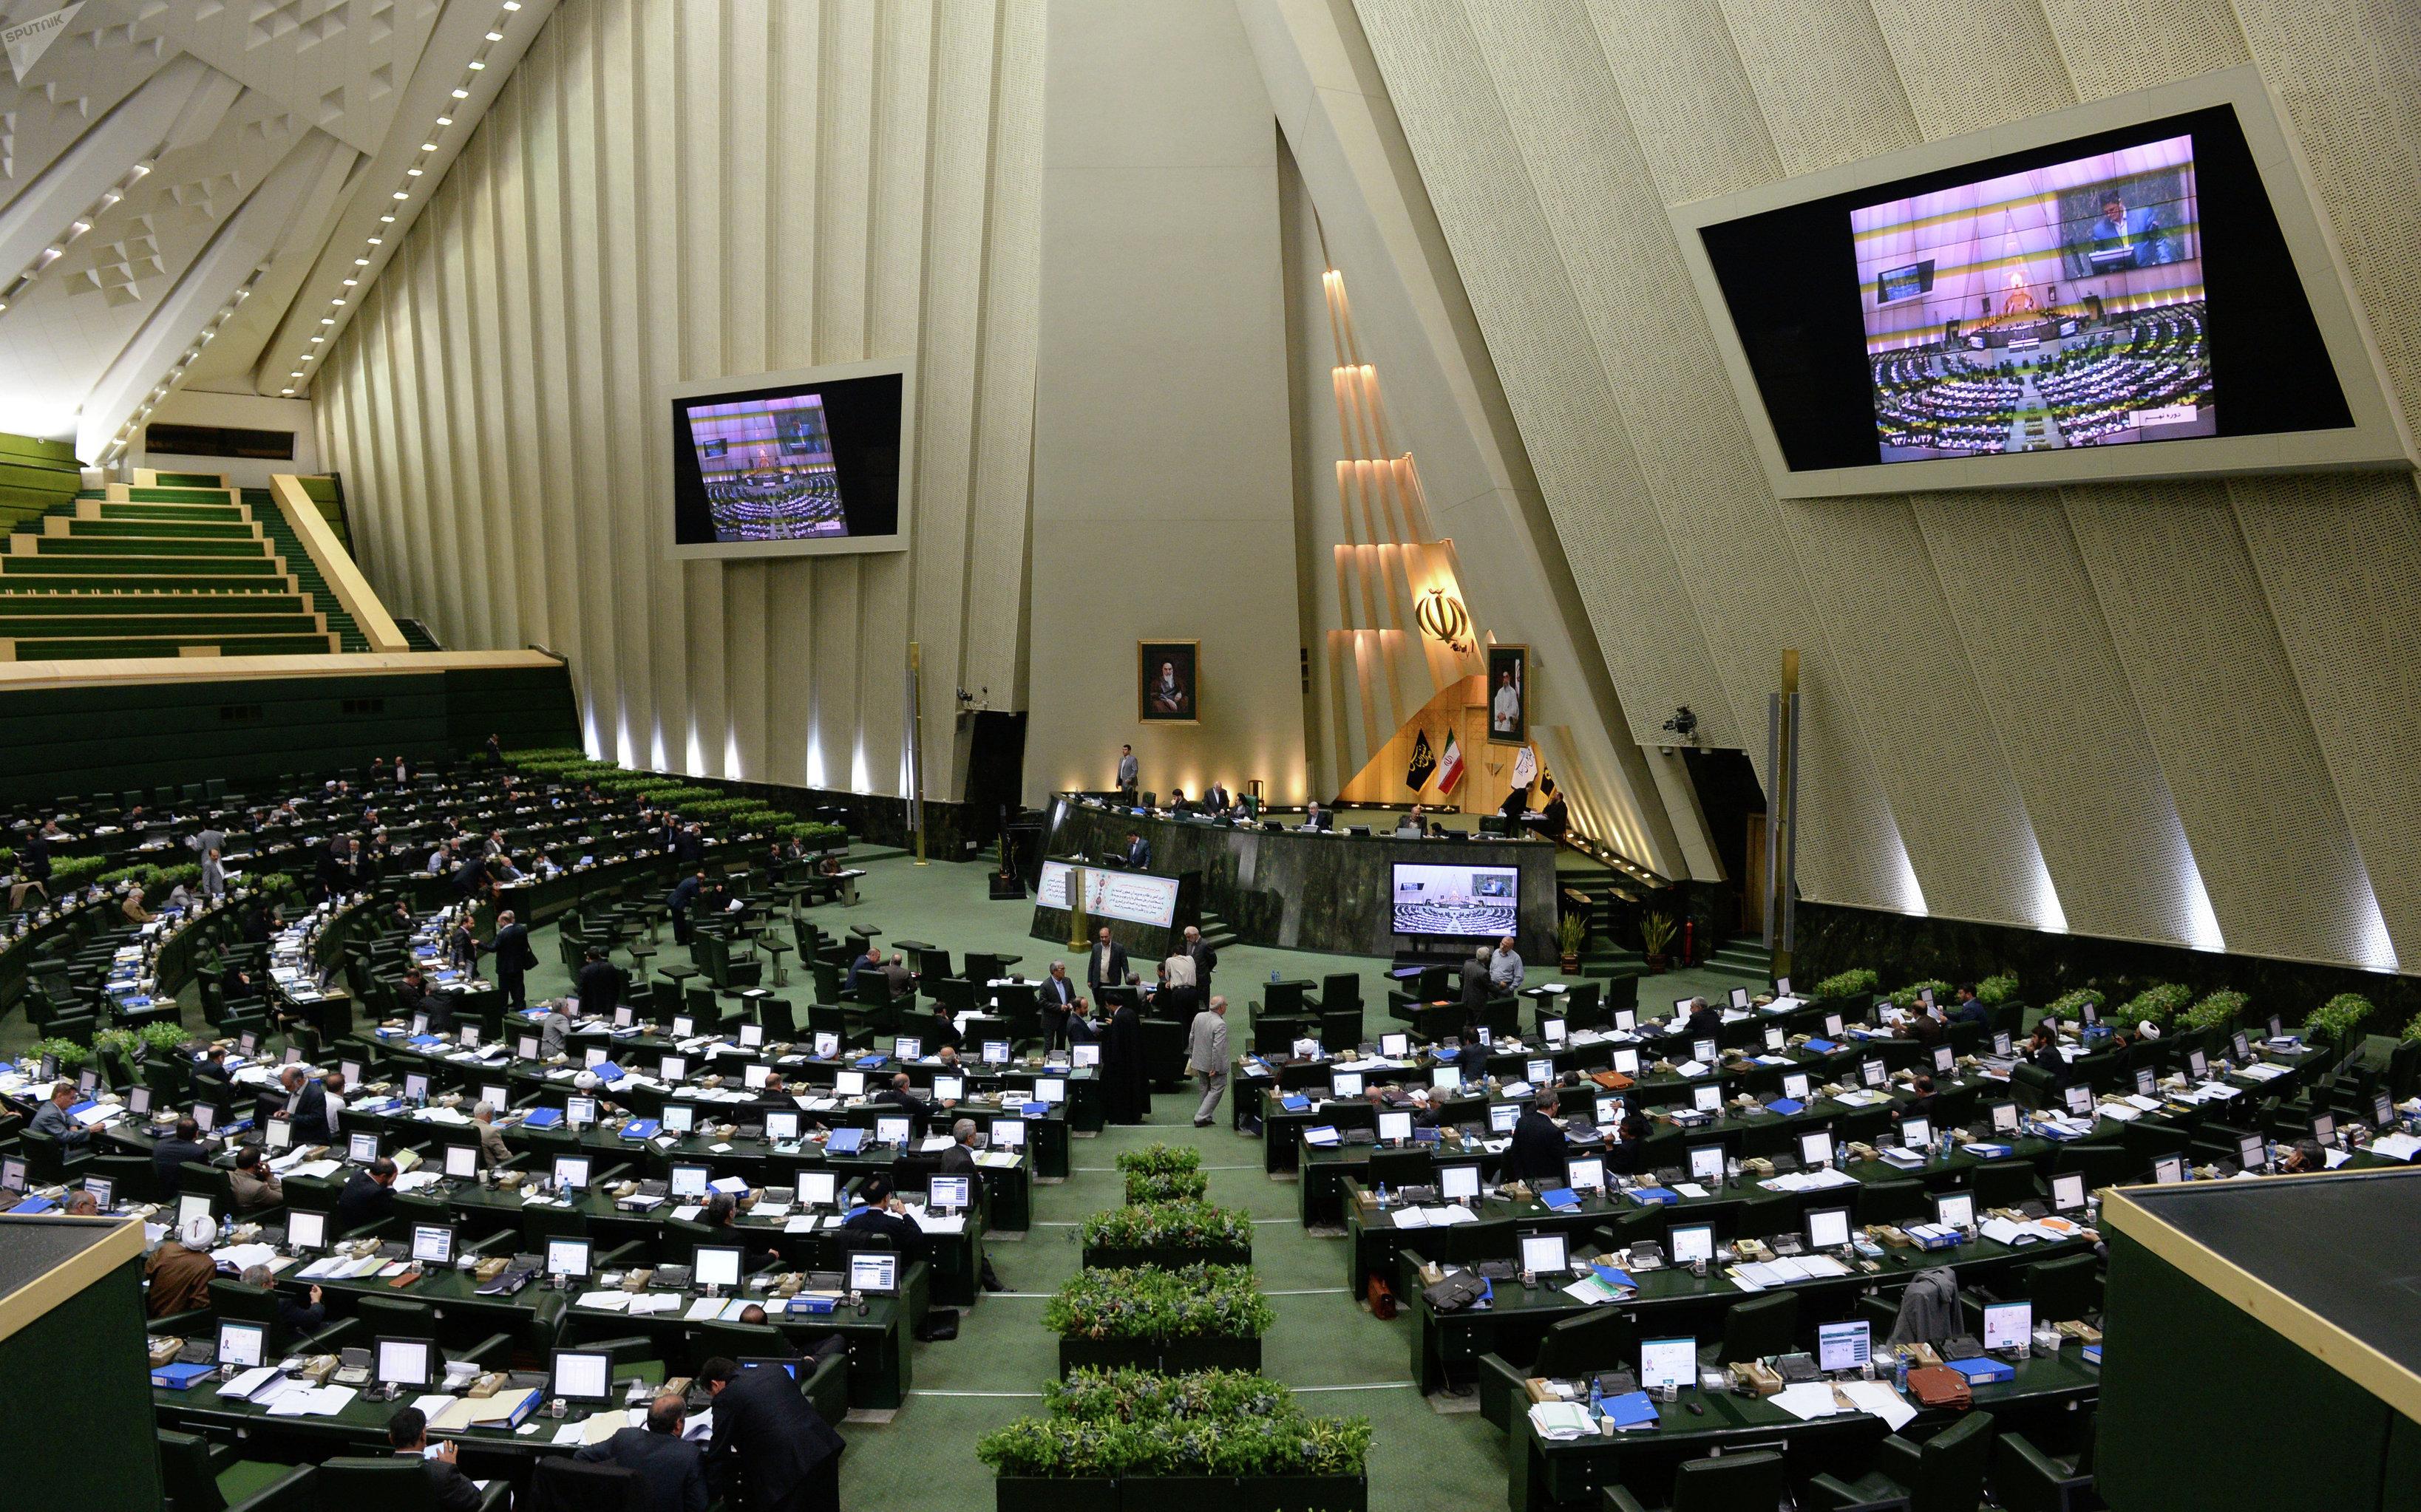 Le Majlis iranien est une législature démocratique et pluraliste